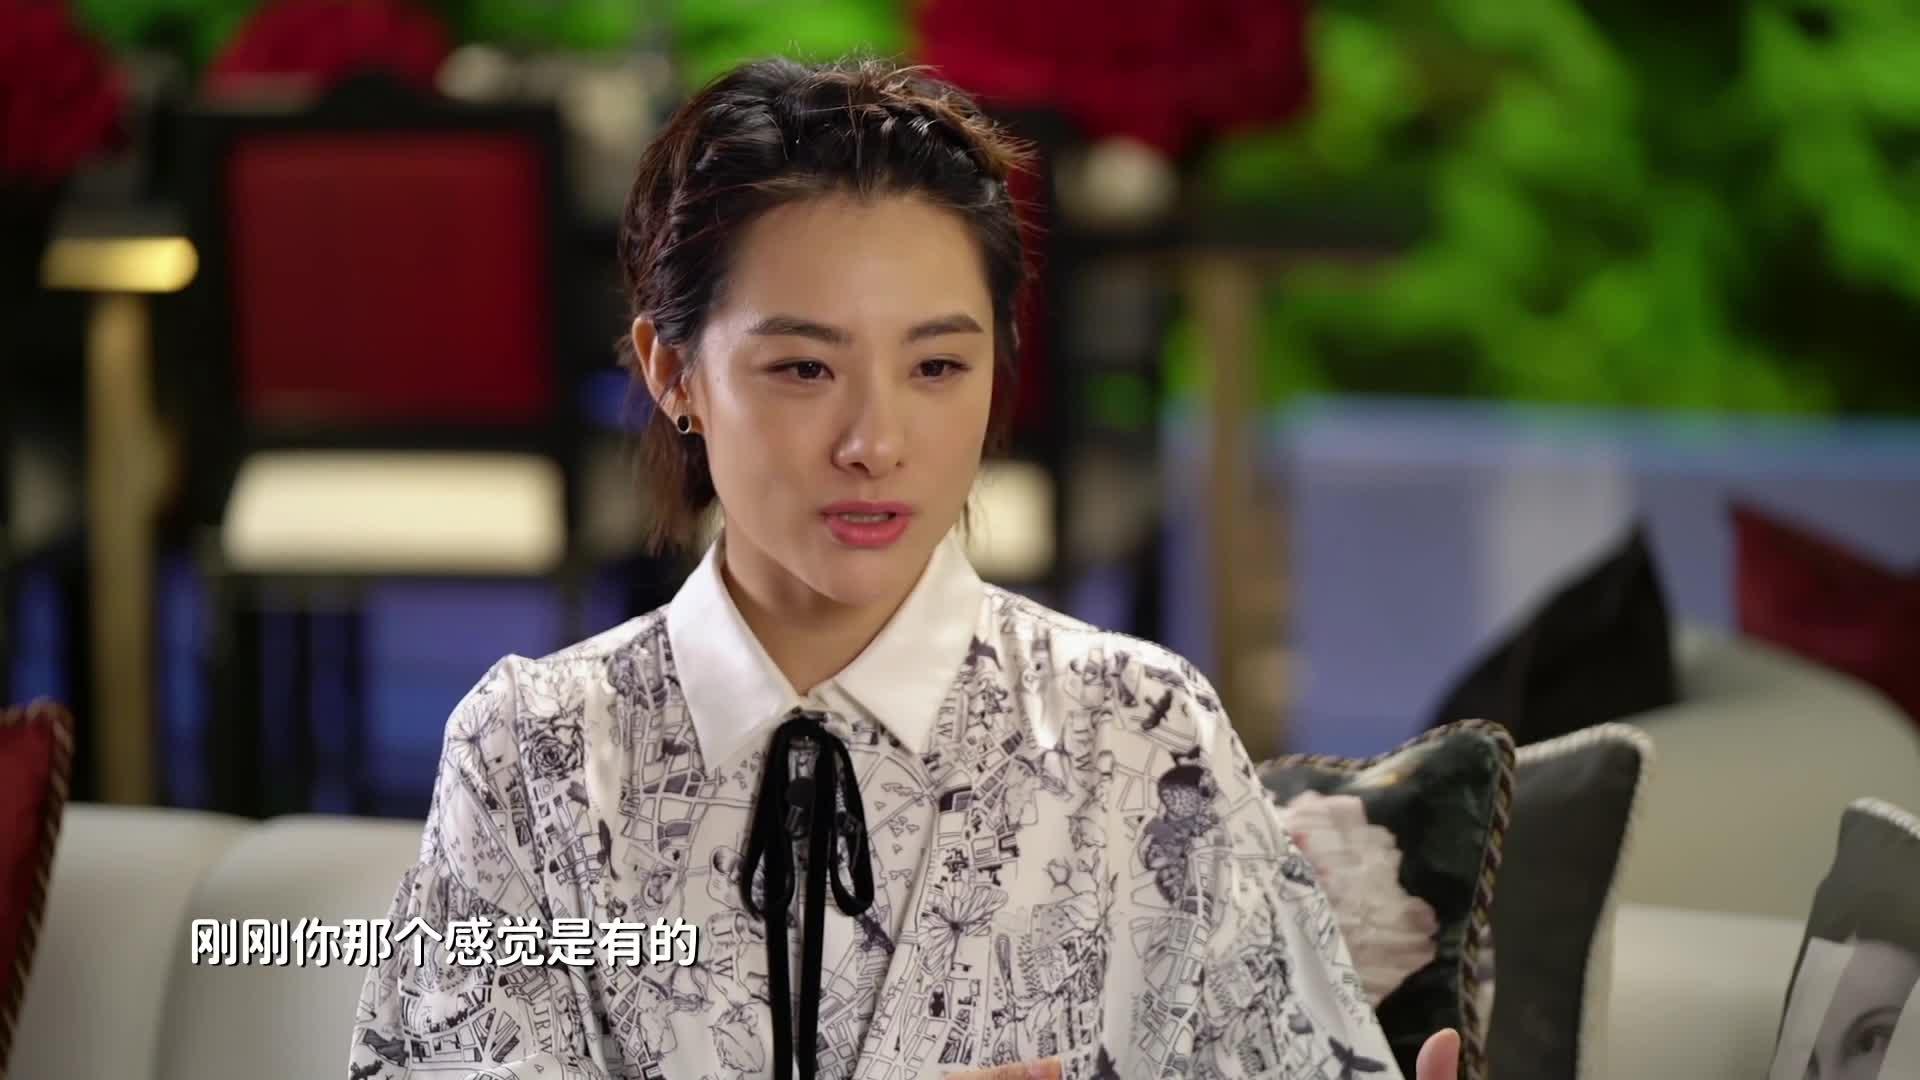 《这局有料儿》刘璇讲诉在体操队最深刻的事情是与父母的离别